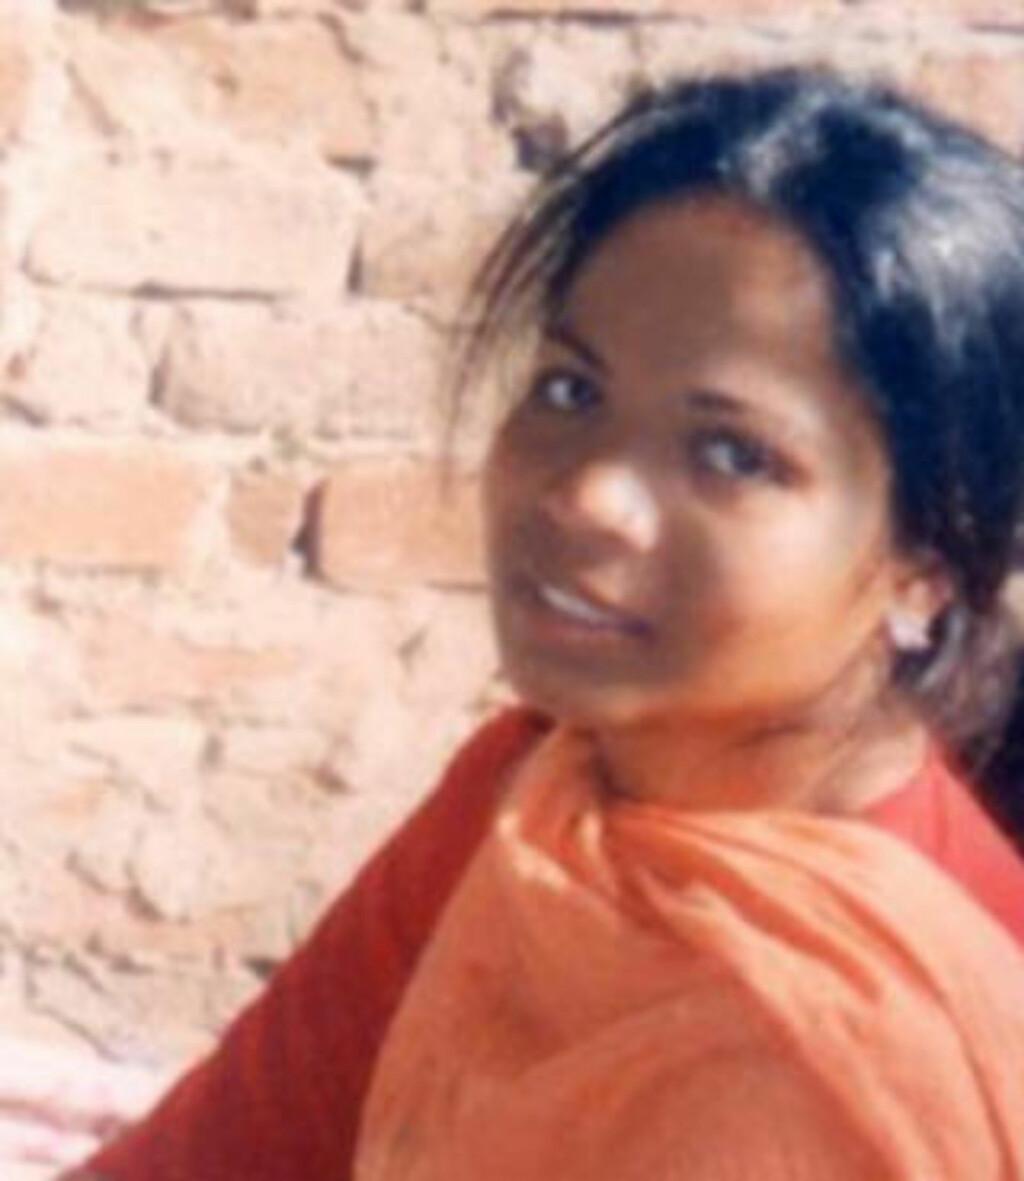 DØMT: Asia Bibi er dømt til døden for blasfemi.